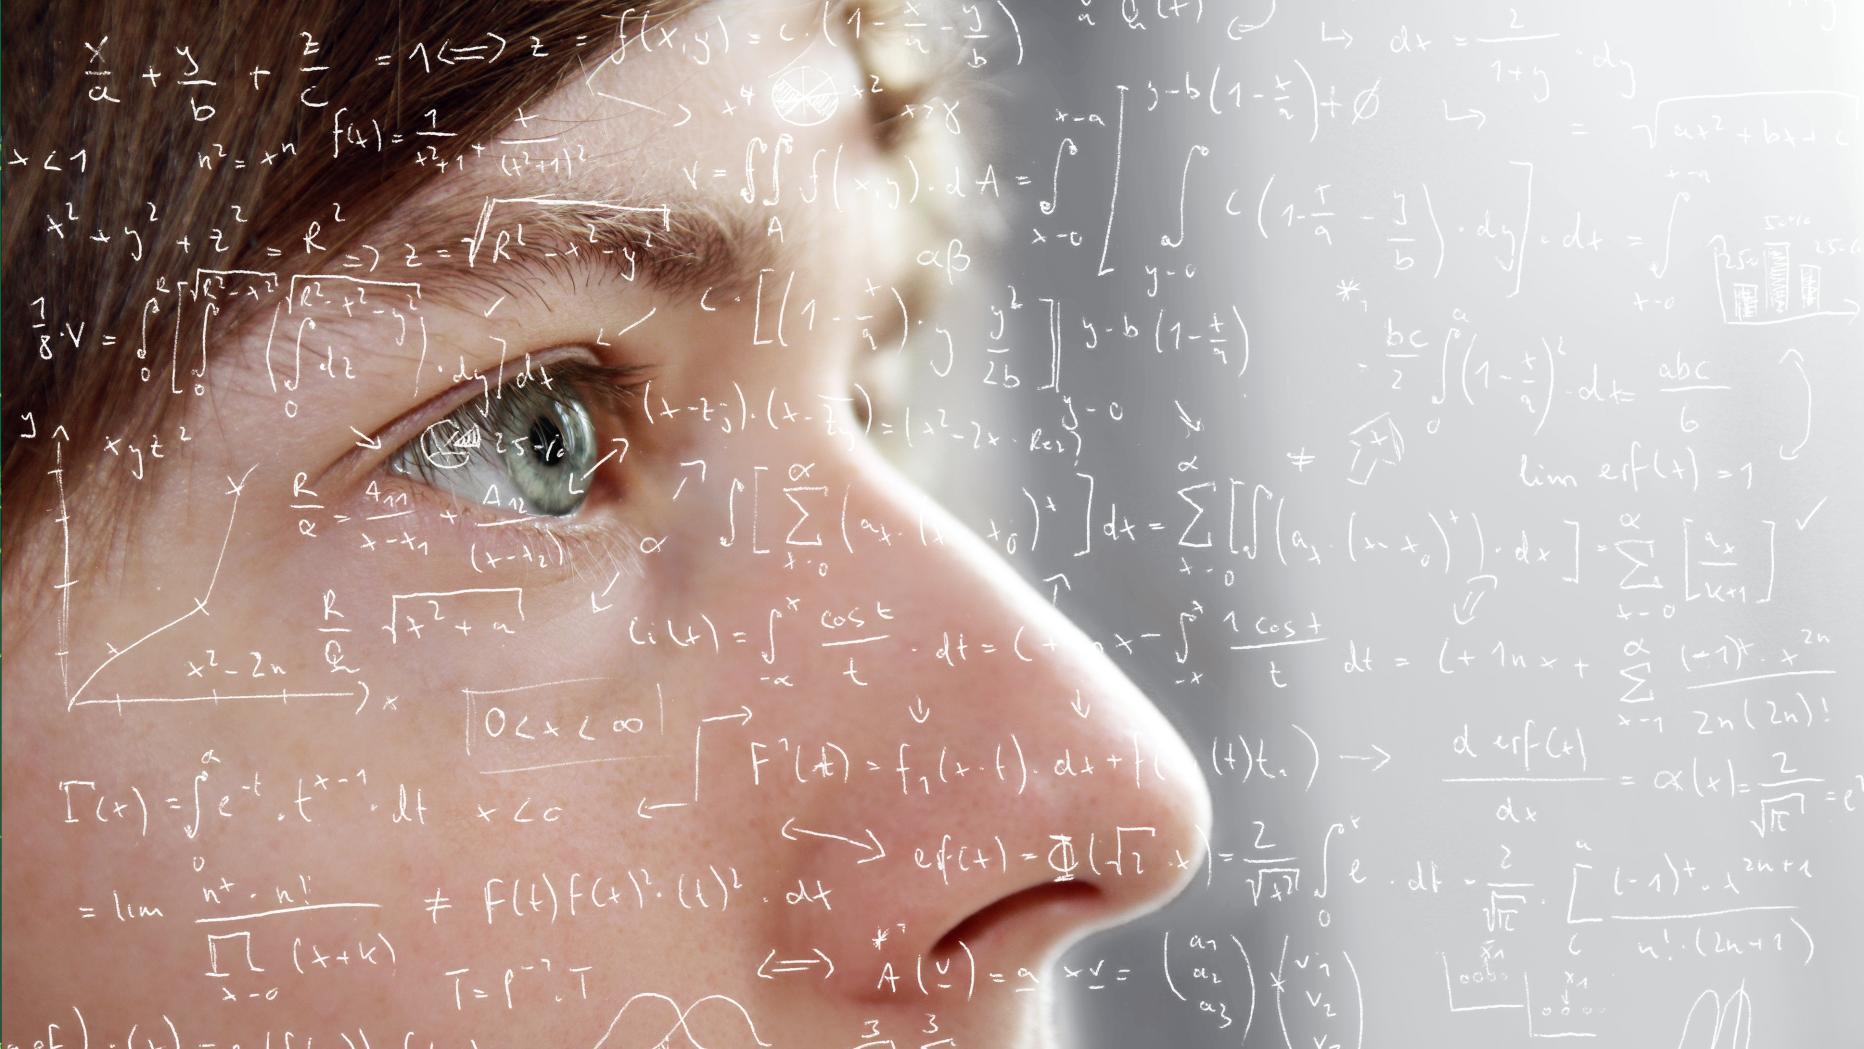 Anonymer 4chan-Nutzer löst 25 Jahre altes Mathematik-Rätsel